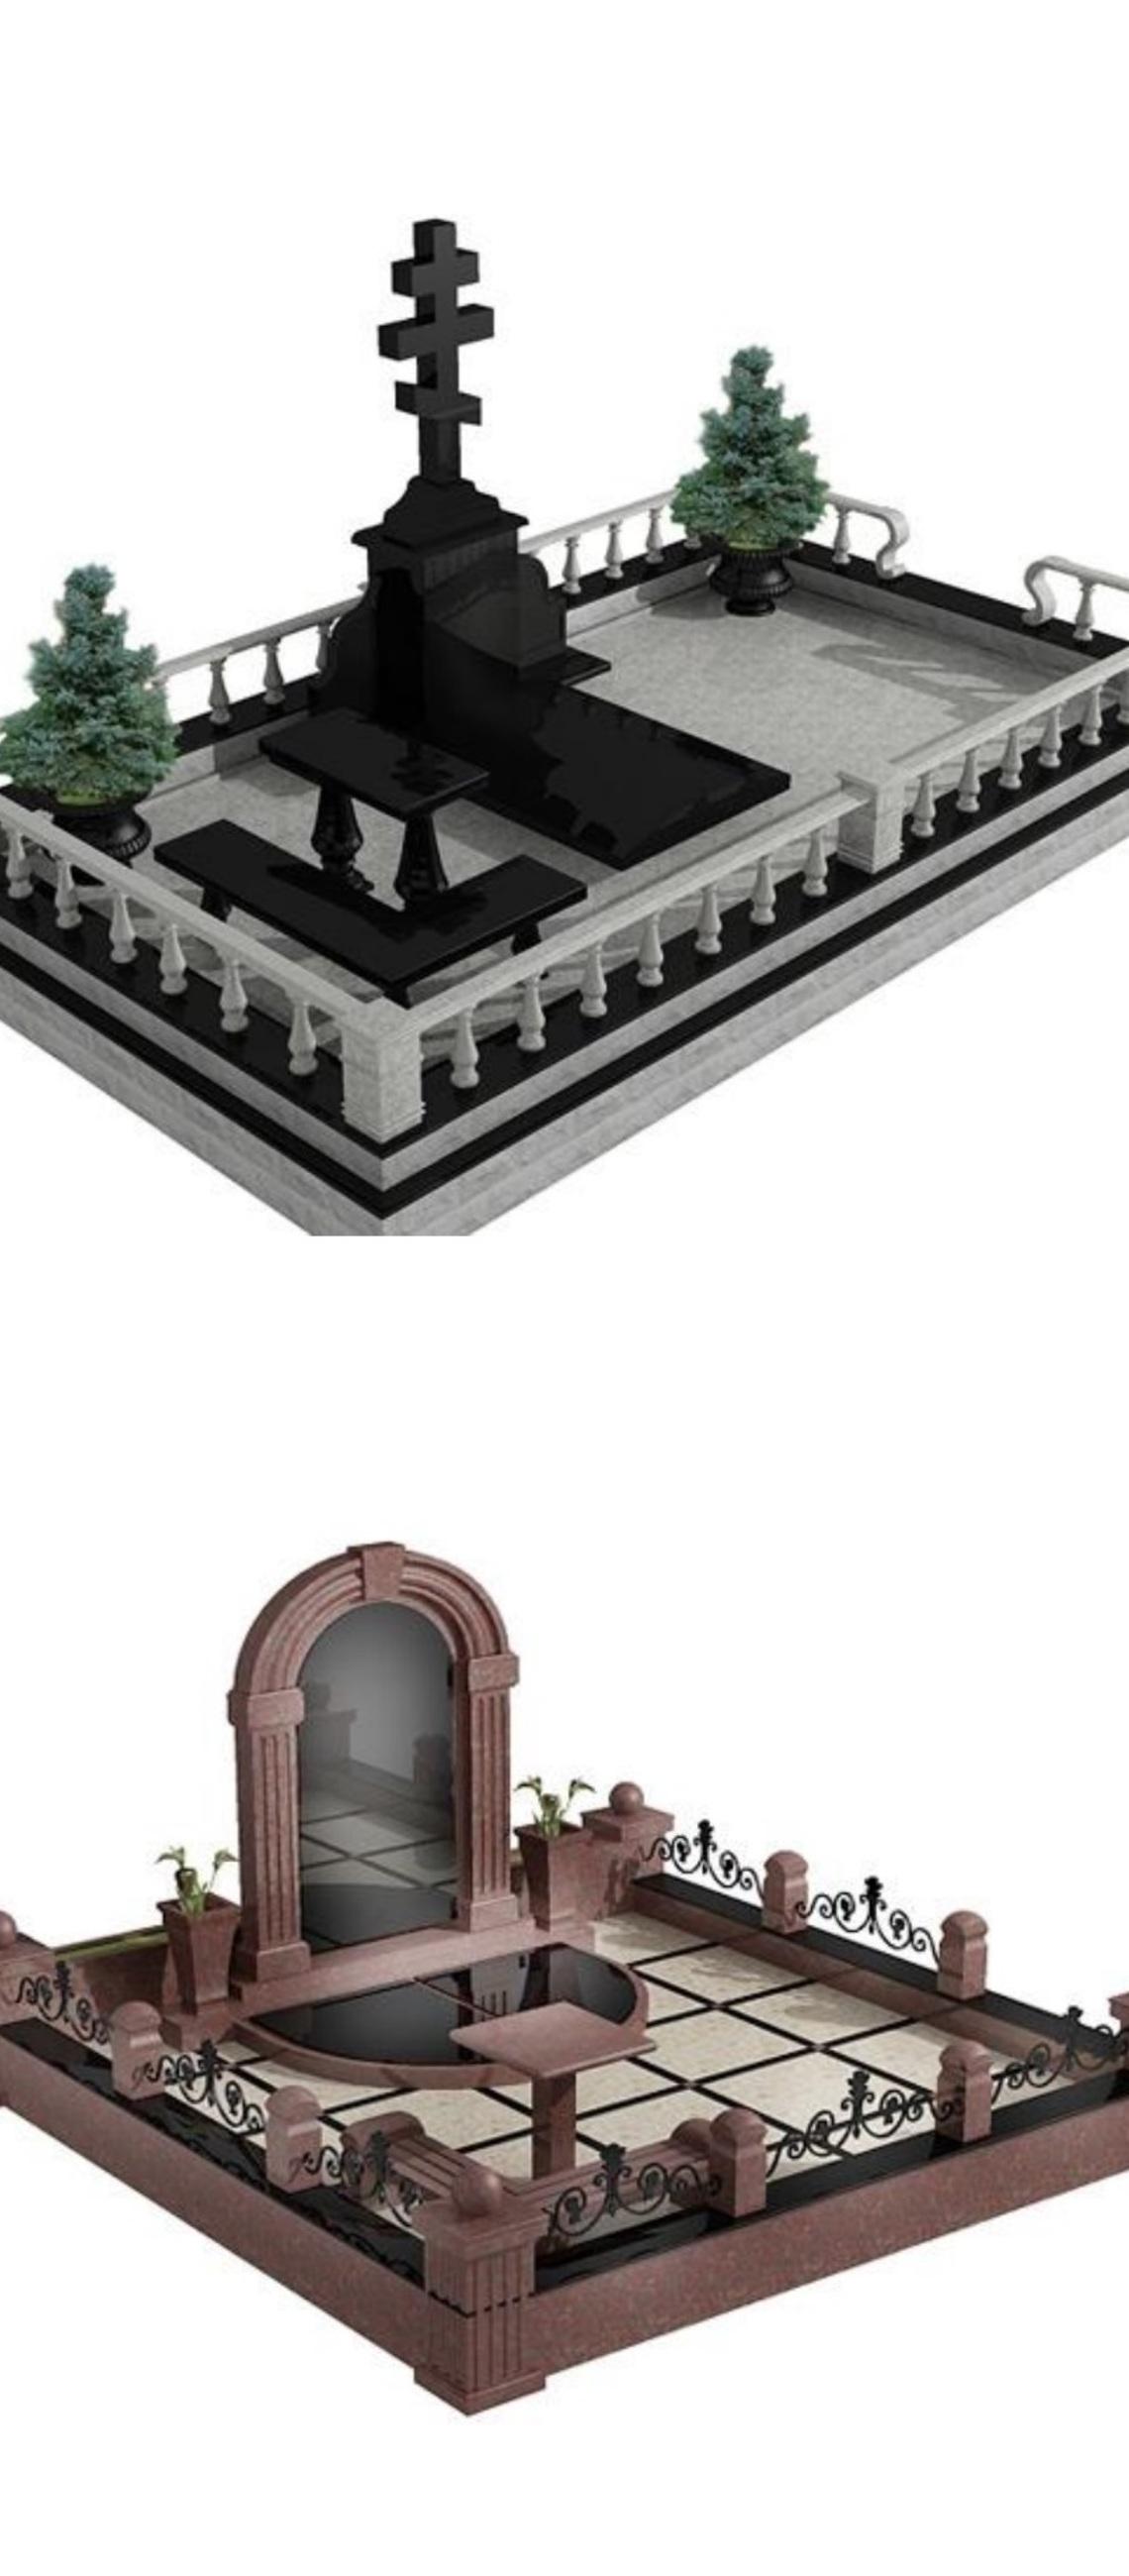 памятники недорого +в воронеже, памятники на могилу, памятники цены в воронеже, ритуальные услуги